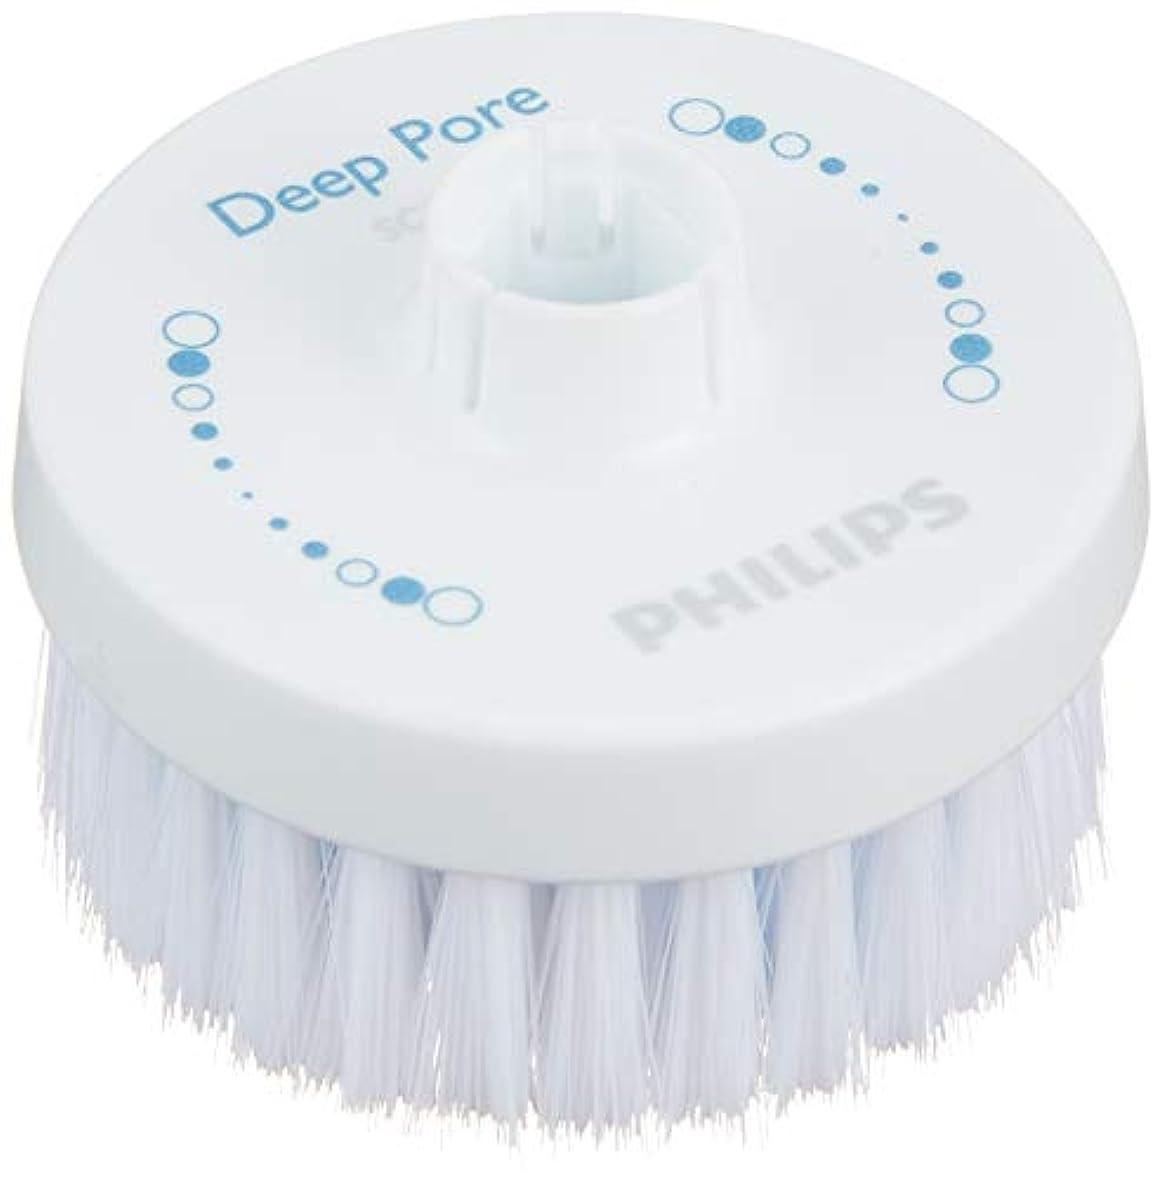 等コンピューターを使用する写真を描くフィリップス 洗顔ブラシ ビザピュア 毛穴ディープクレンジング ブラシ SC6026/00